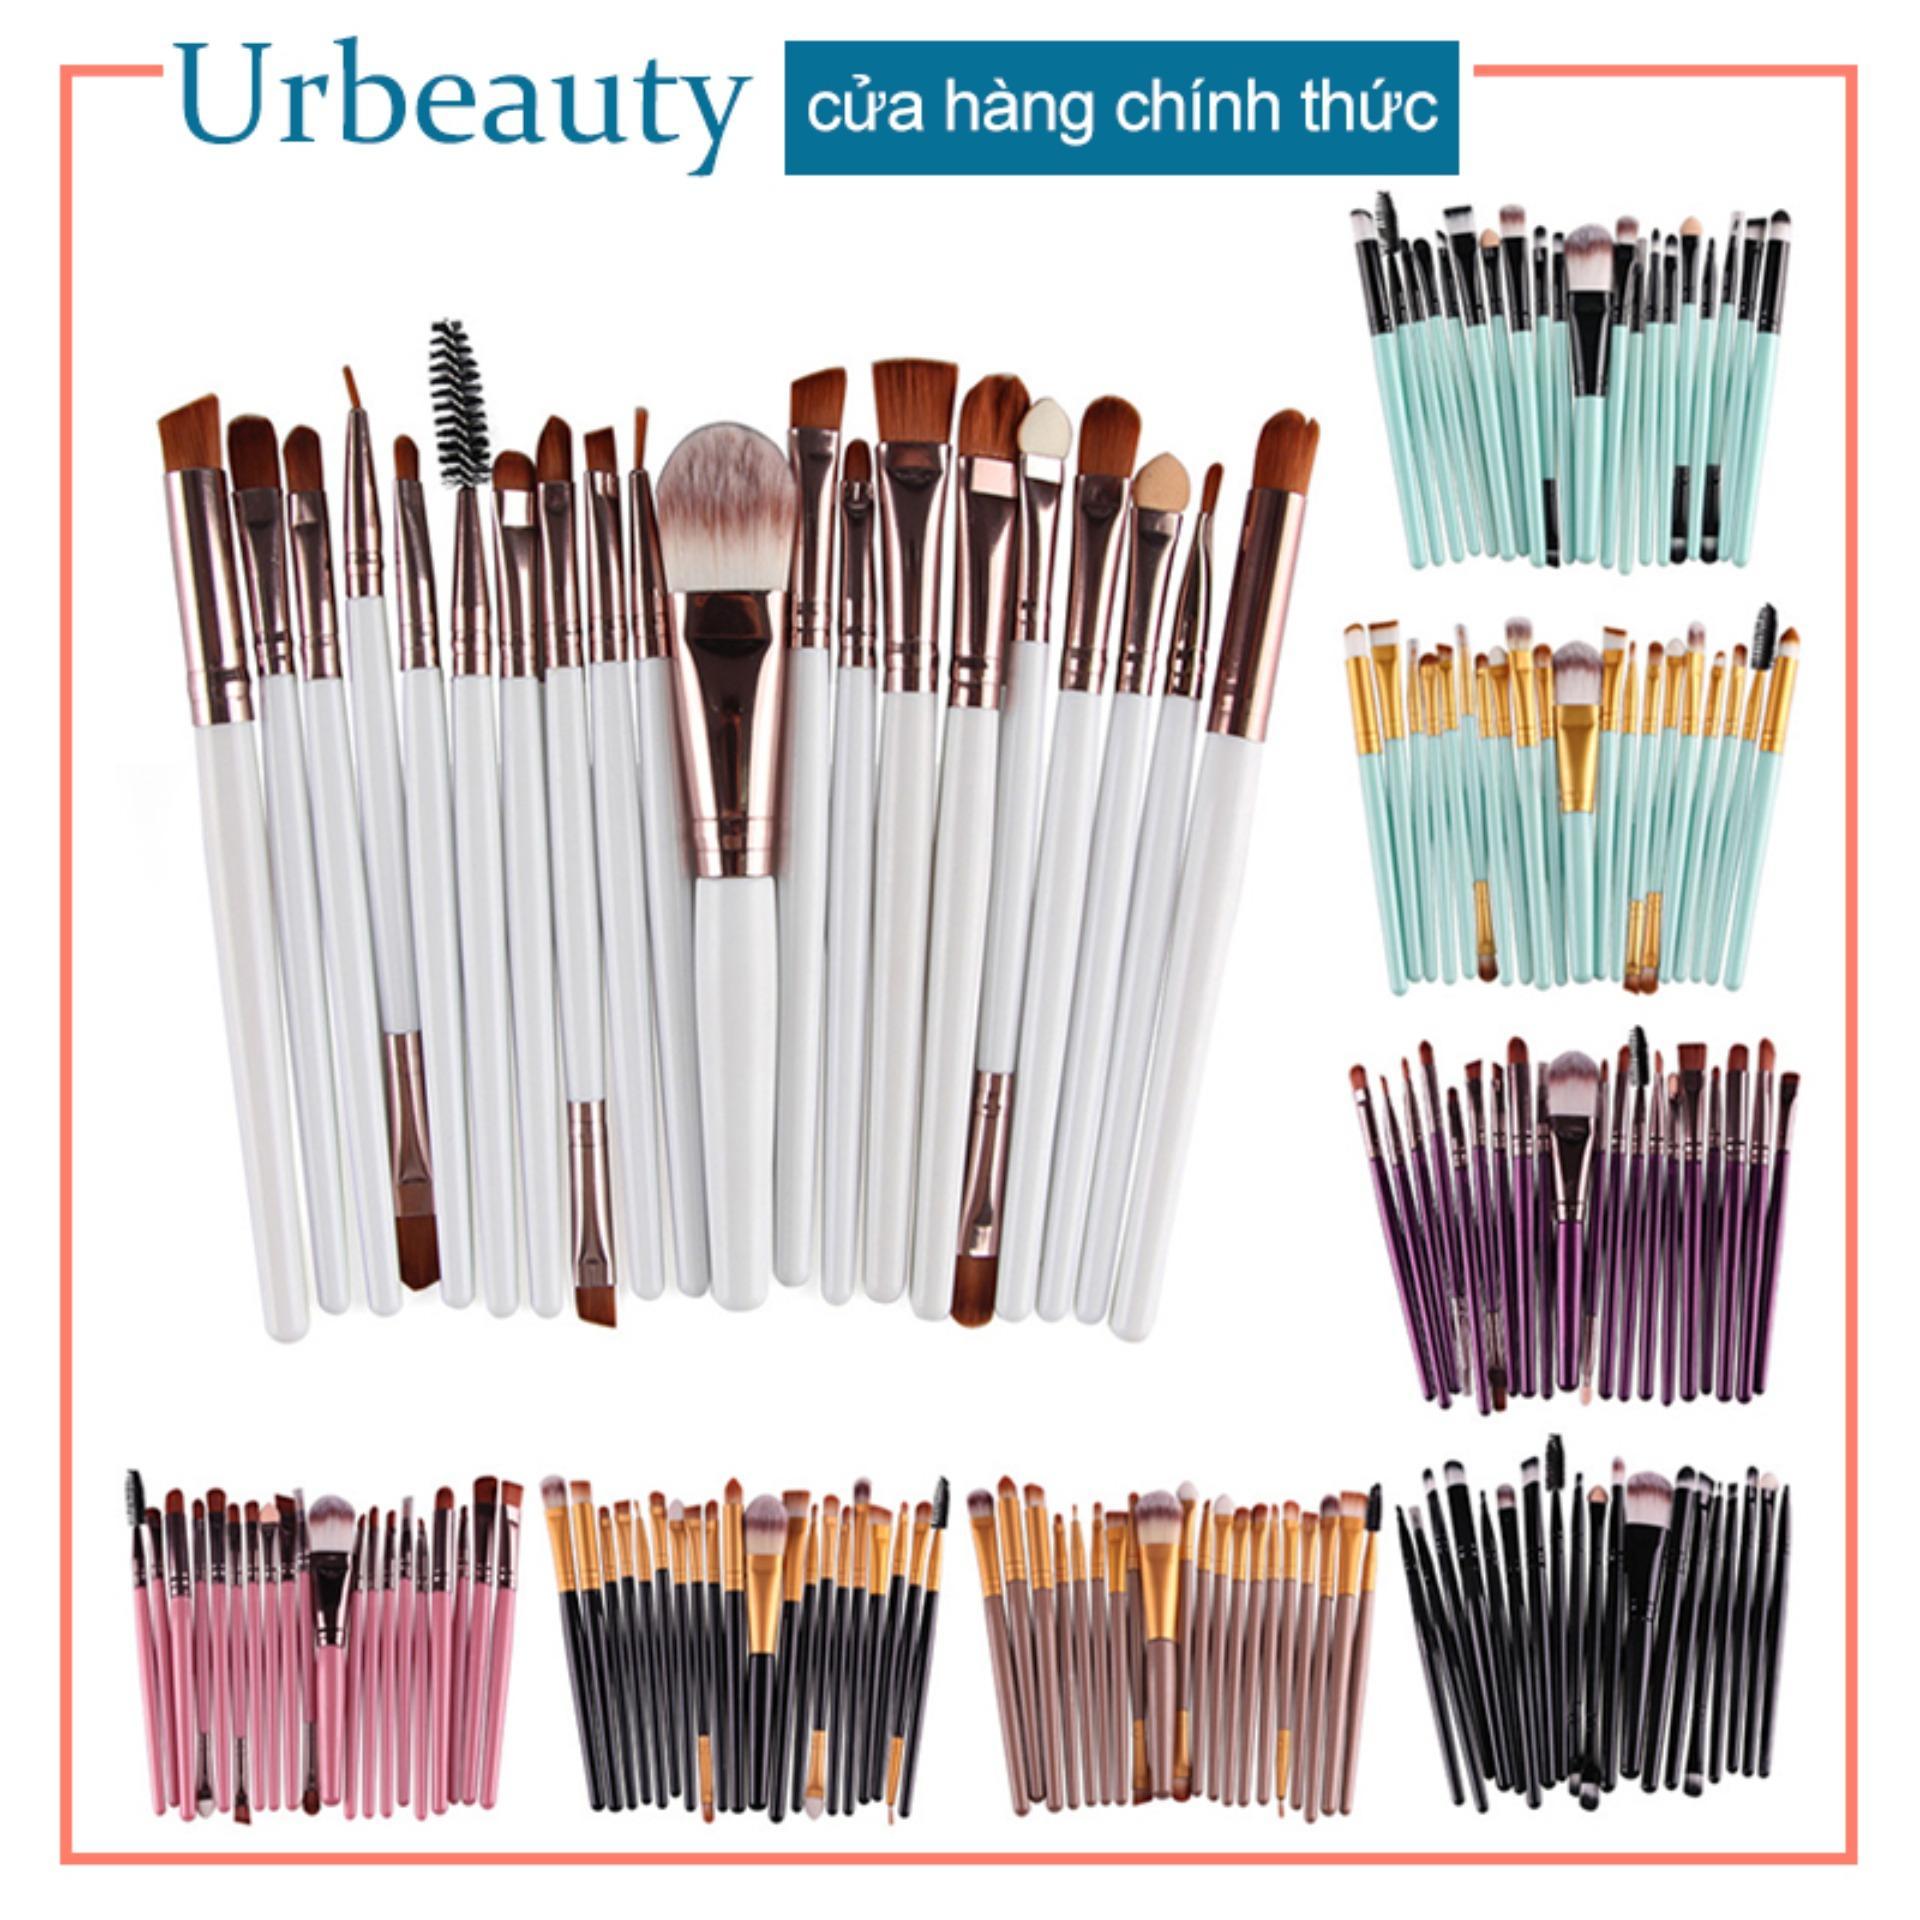 【Urbeauty】20pcs MAANGE Bàn chải trang điểm mắt cọ bóng mắt công cụ làm đẹp nhập khẩu